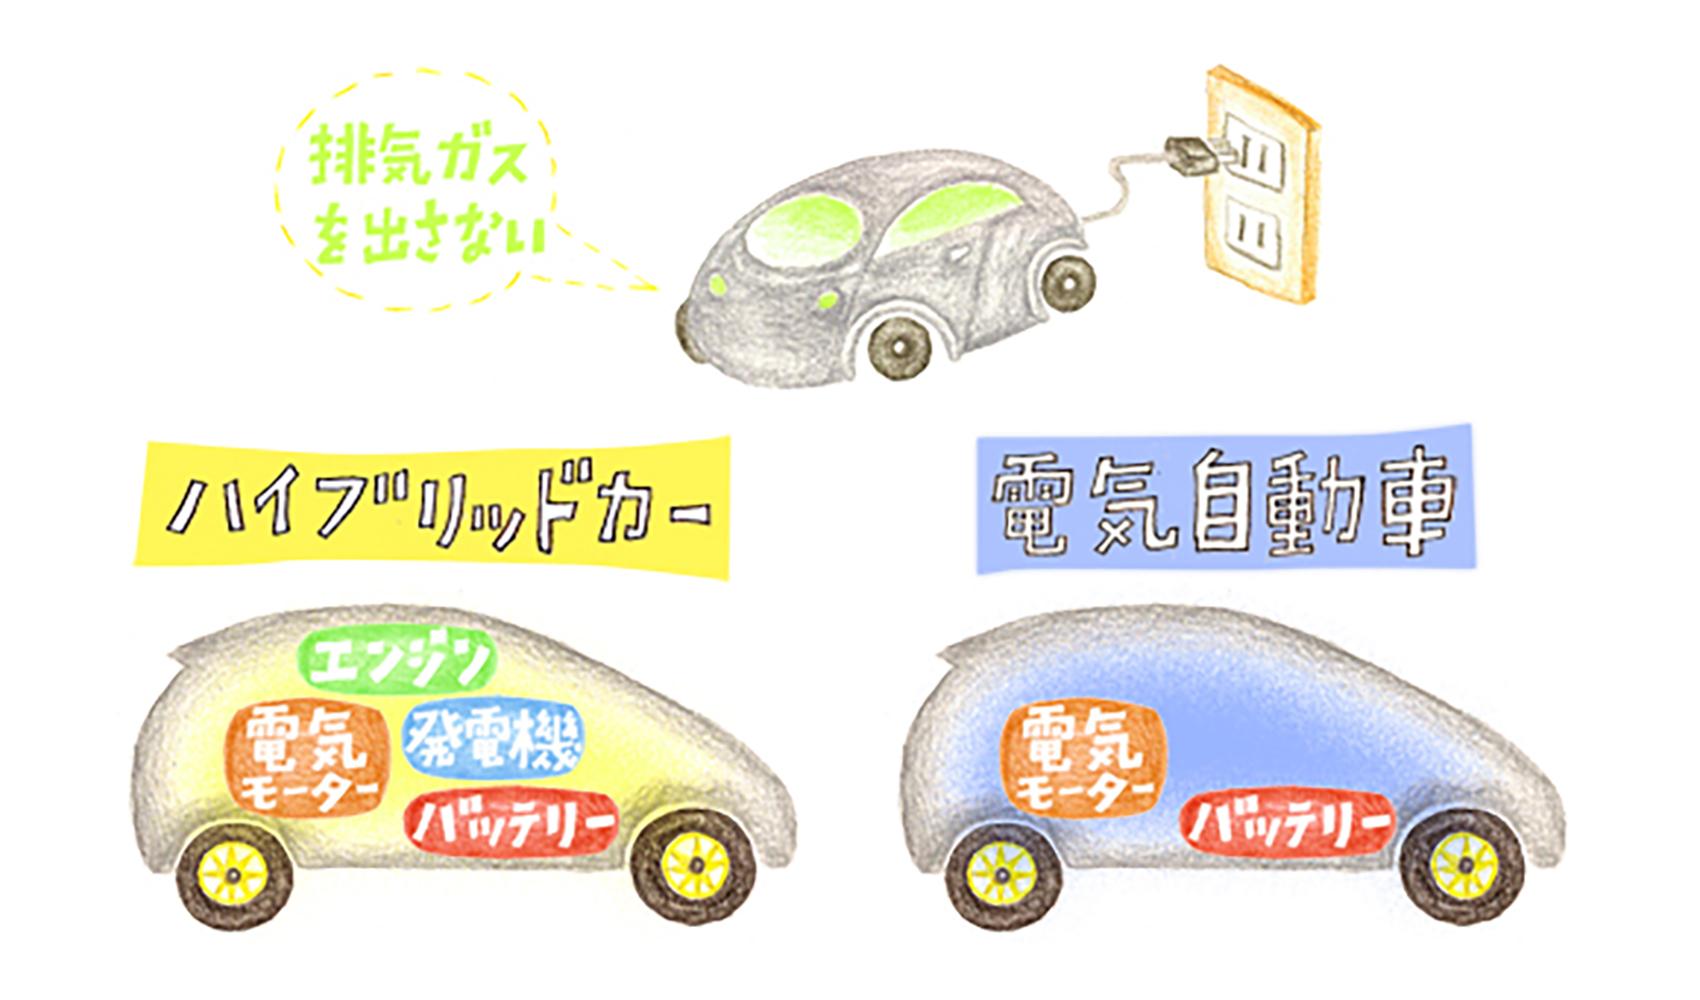 エコカーとはどんな車ですか?